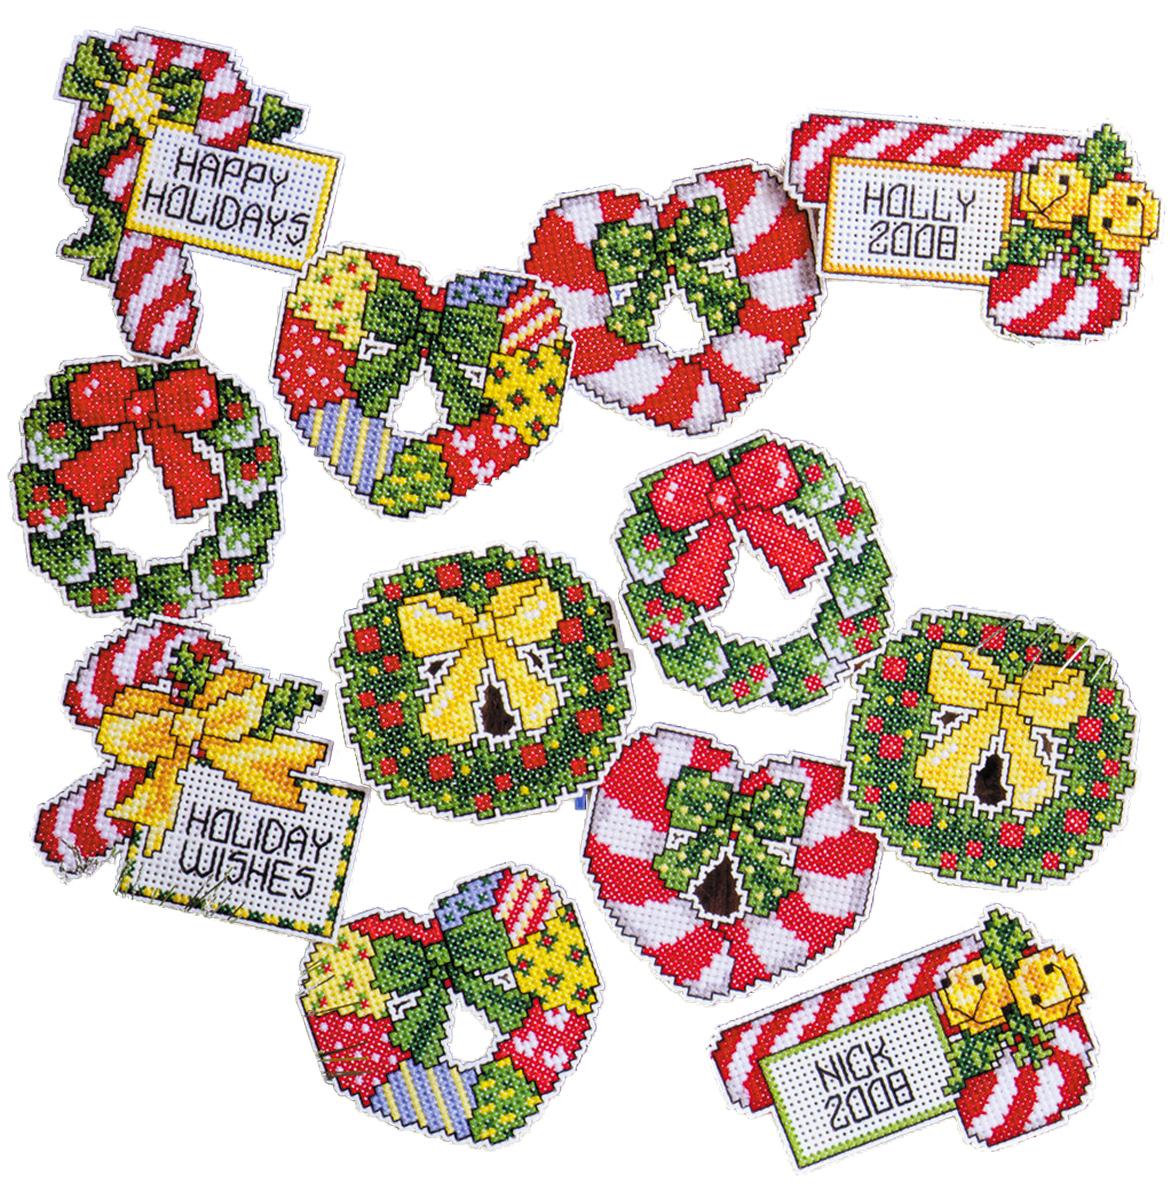 Набор для вышивания игрушки Design Works Карамельки и венки, 7 х 9 см, 12 шт1659Для 12 игрушек: канва пластиковая 14, нитки мулине (100% хлопок), игла, инструкция на русском языке.